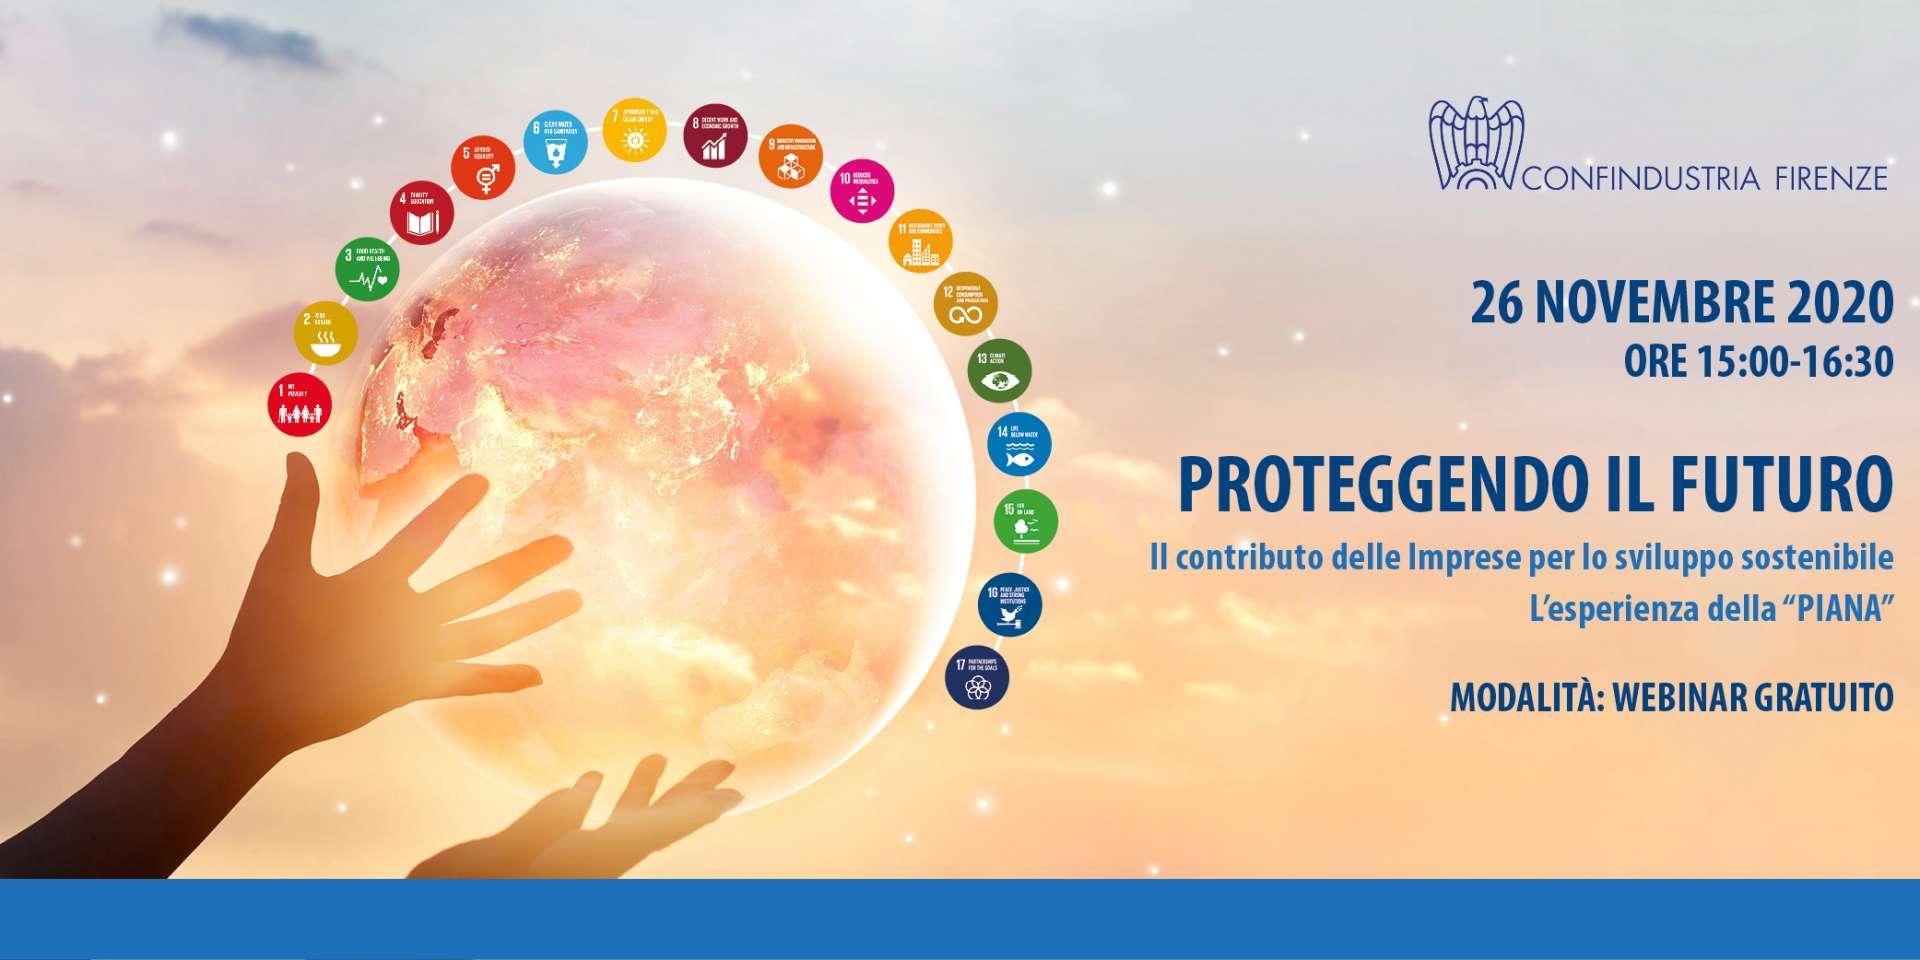 Proteggendo il futuro